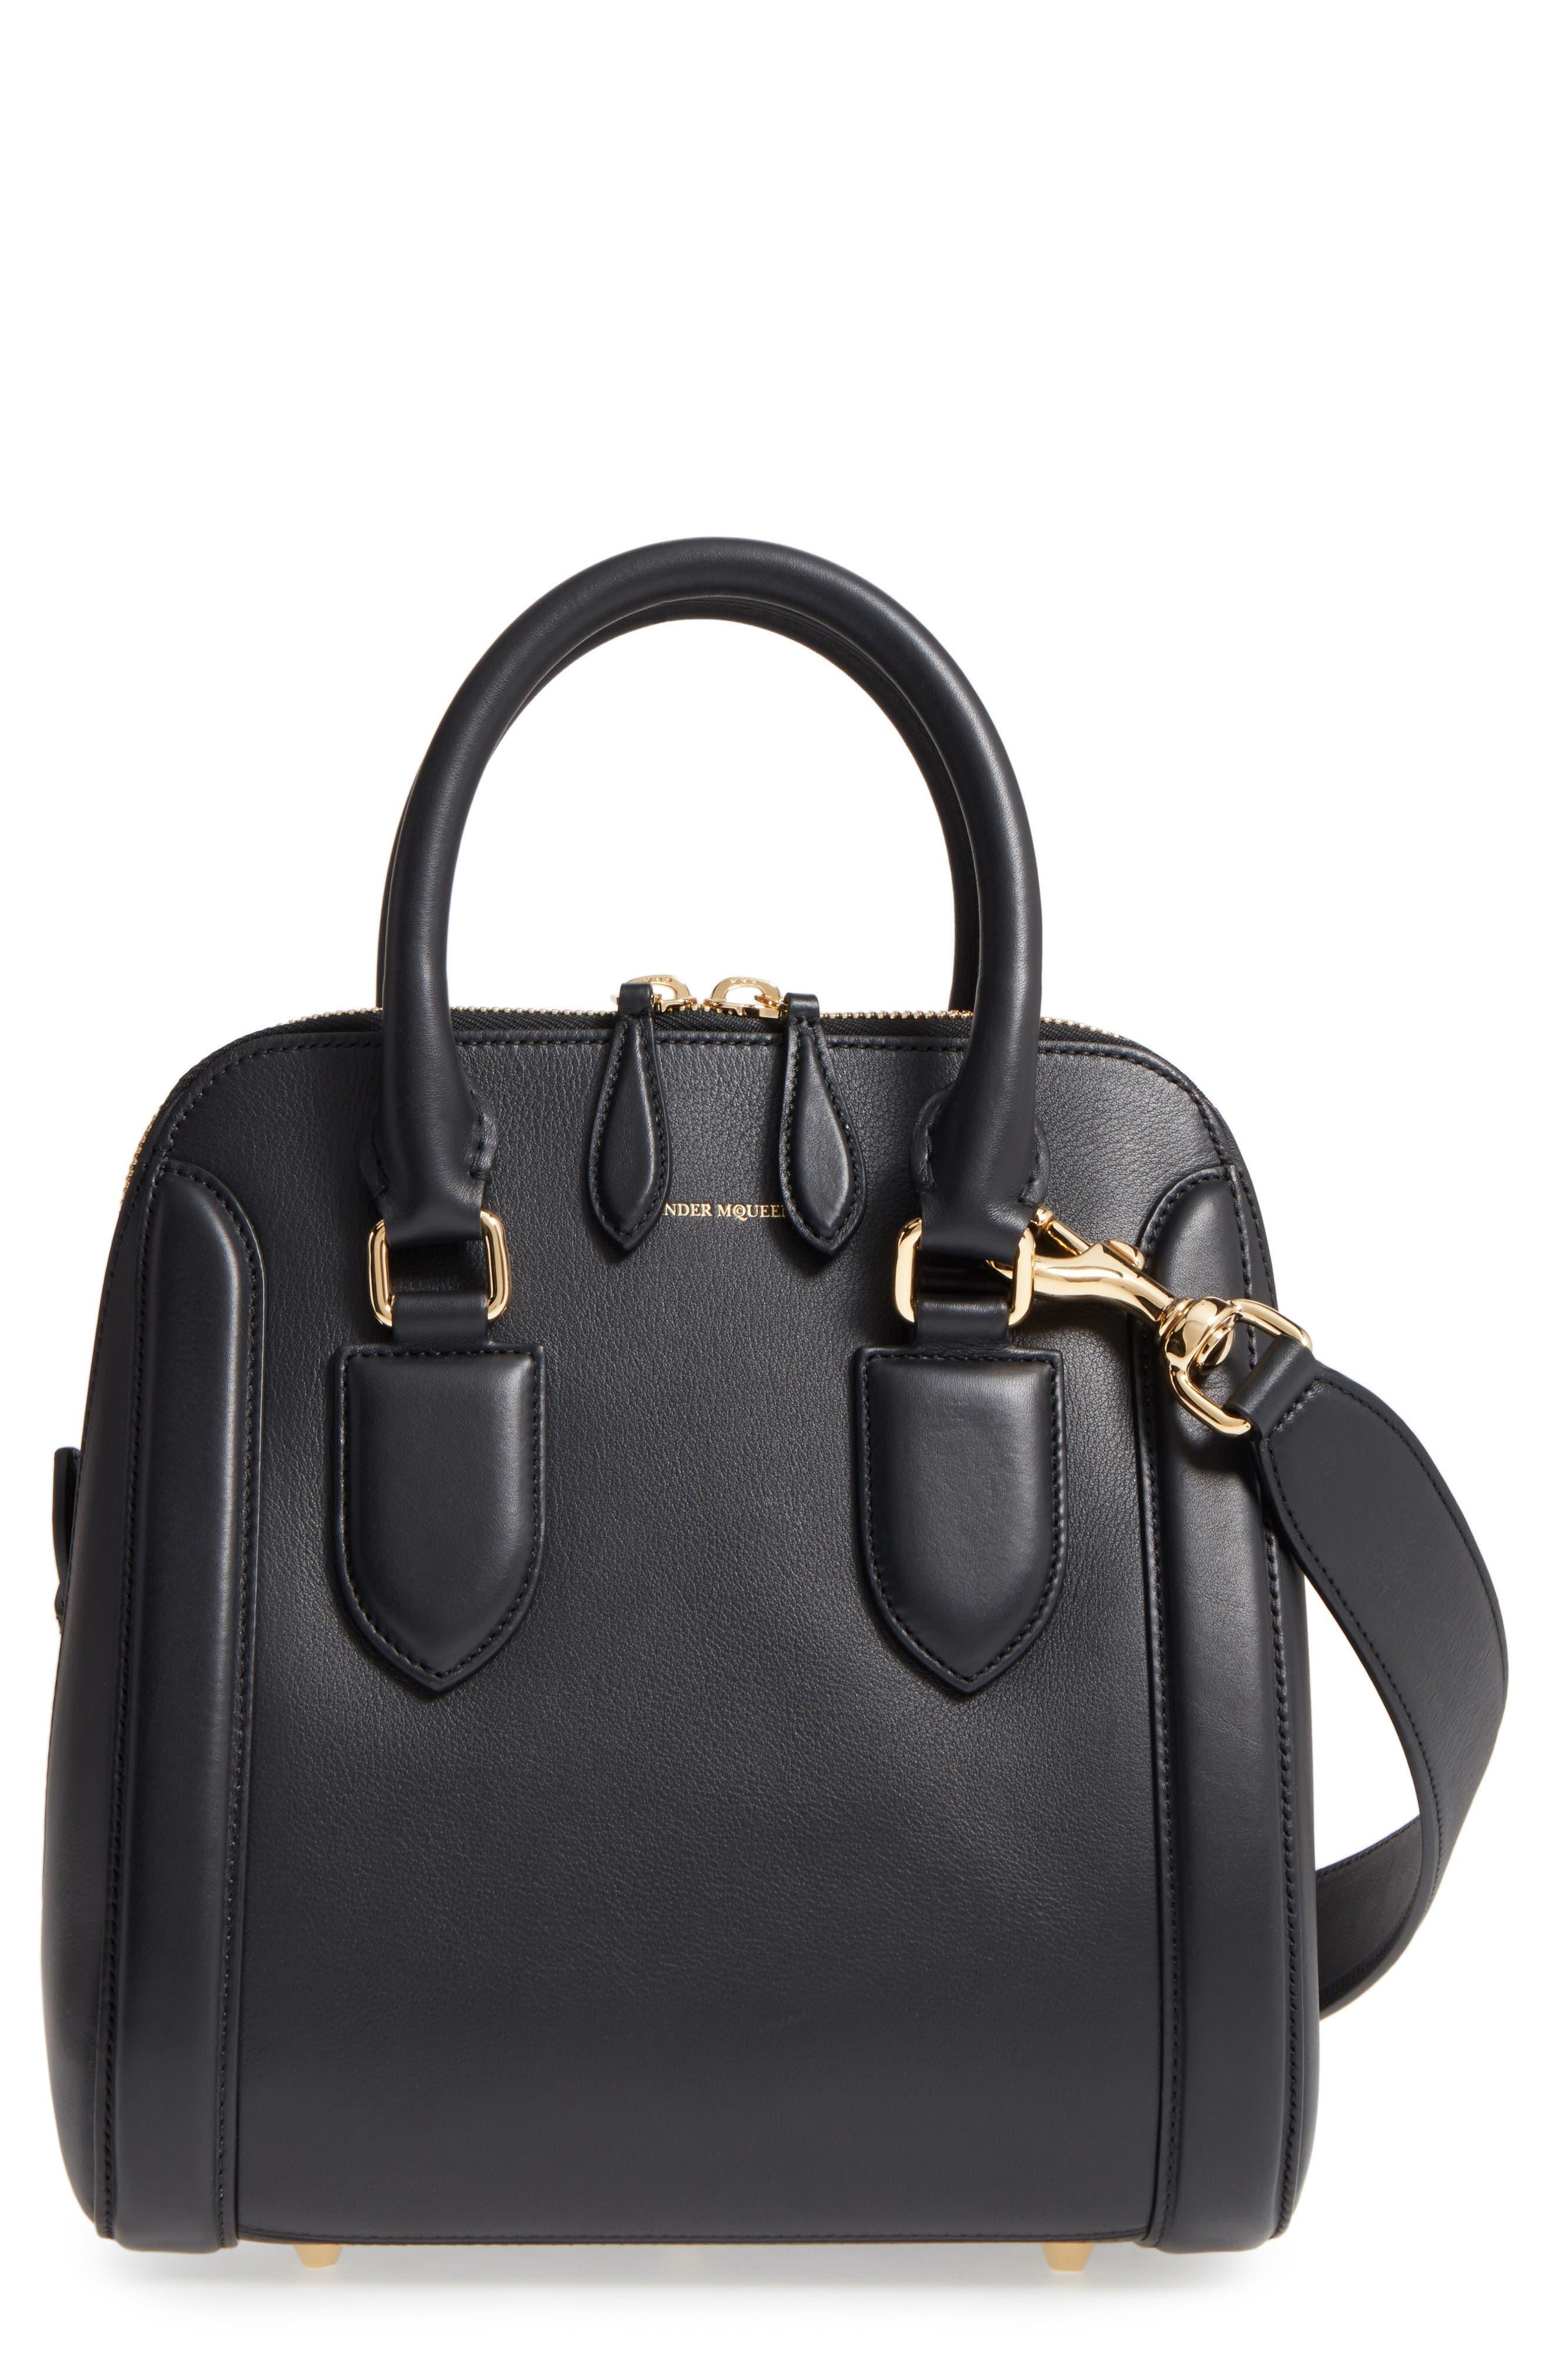 Alexander McQueen Medium Heroine Leather Satchel